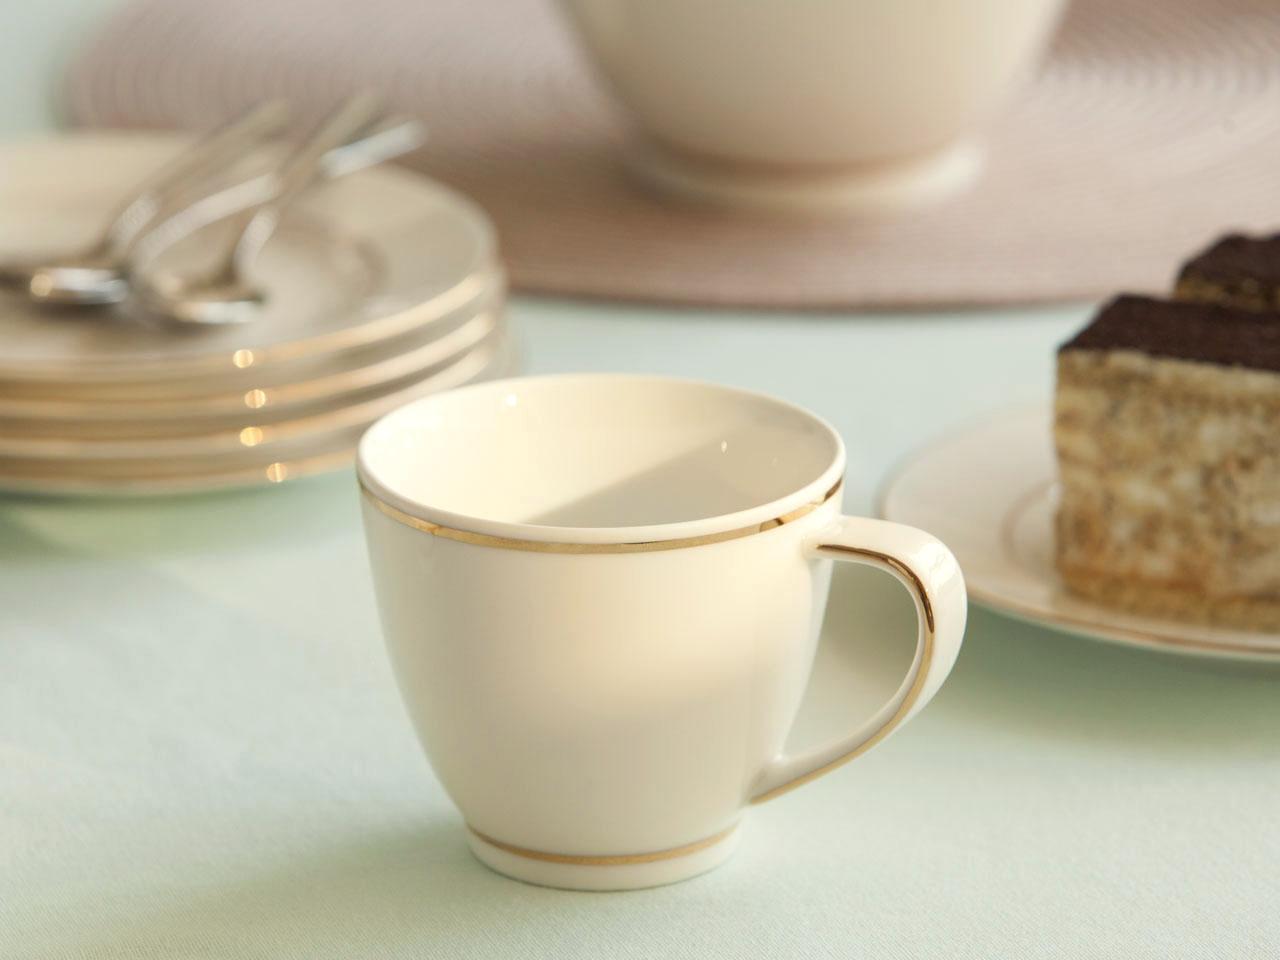 Filiżanka do kawy porcelanowa MariaPaula Ecru Nova Złota Linia 250 ml